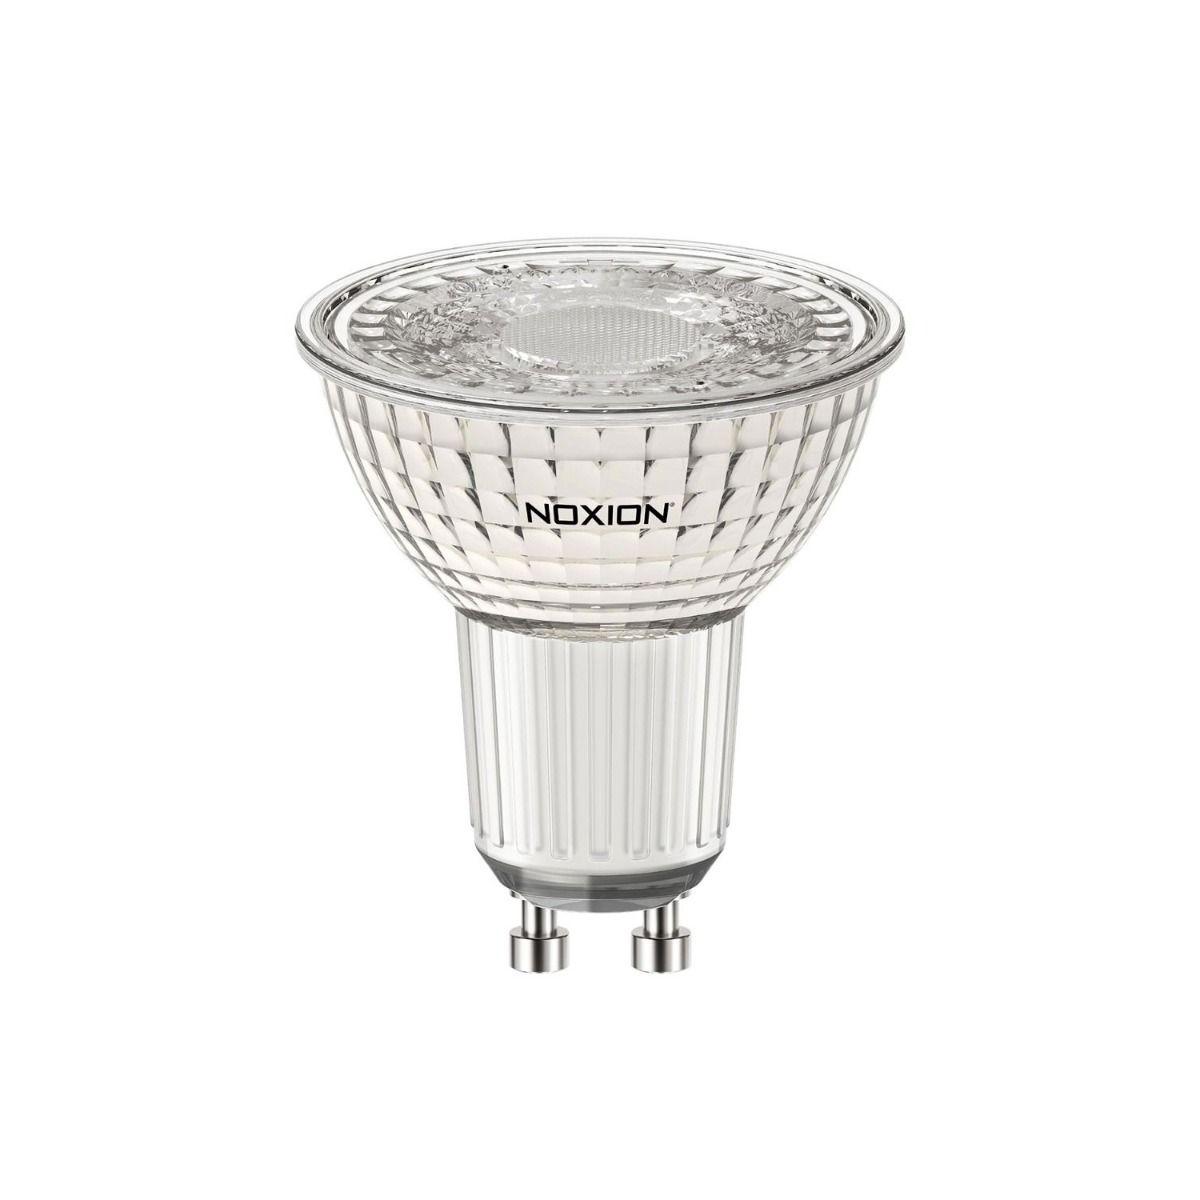 Noxion LED Spot PerfectColor GU10 4W 927 36D | Zeer Warm Wit - Dimbaar - Vervangt 50W